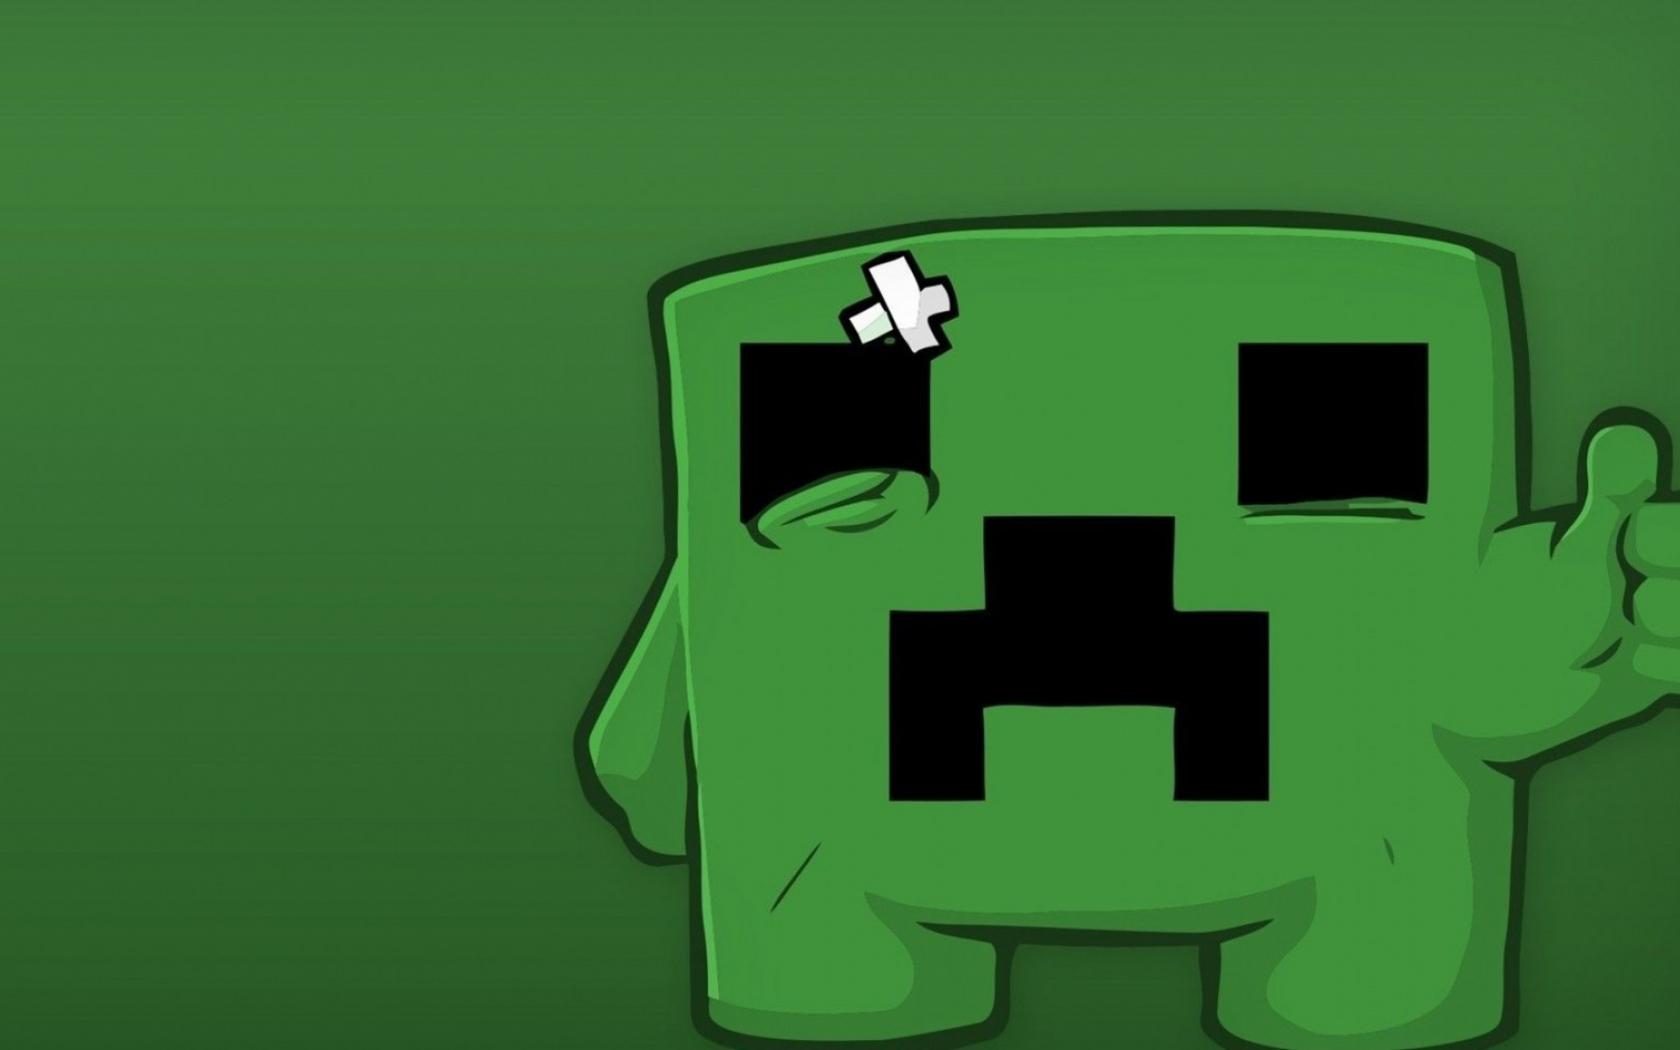 Free Download Minecraft Wallpaper 2048x1152 2048x1152 Mine